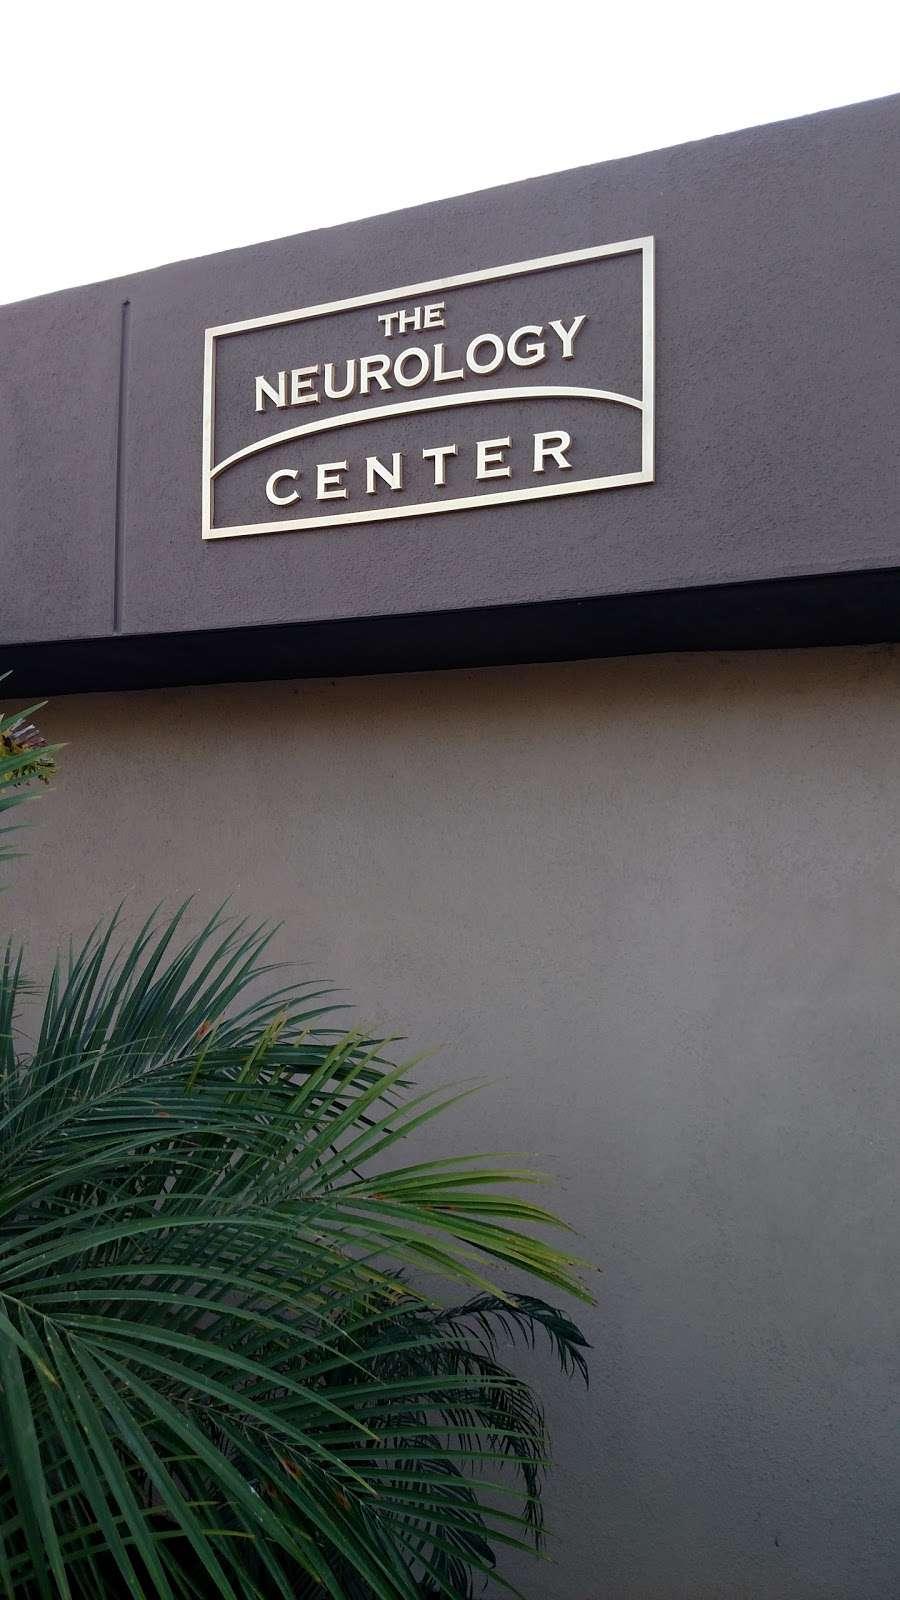 The Neurology Center - doctor  | Photo 2 of 6 | Address: 6010 Hidden Valley Rd #200, Carlsbad, CA 92011, USA | Phone: (760) 631-3000